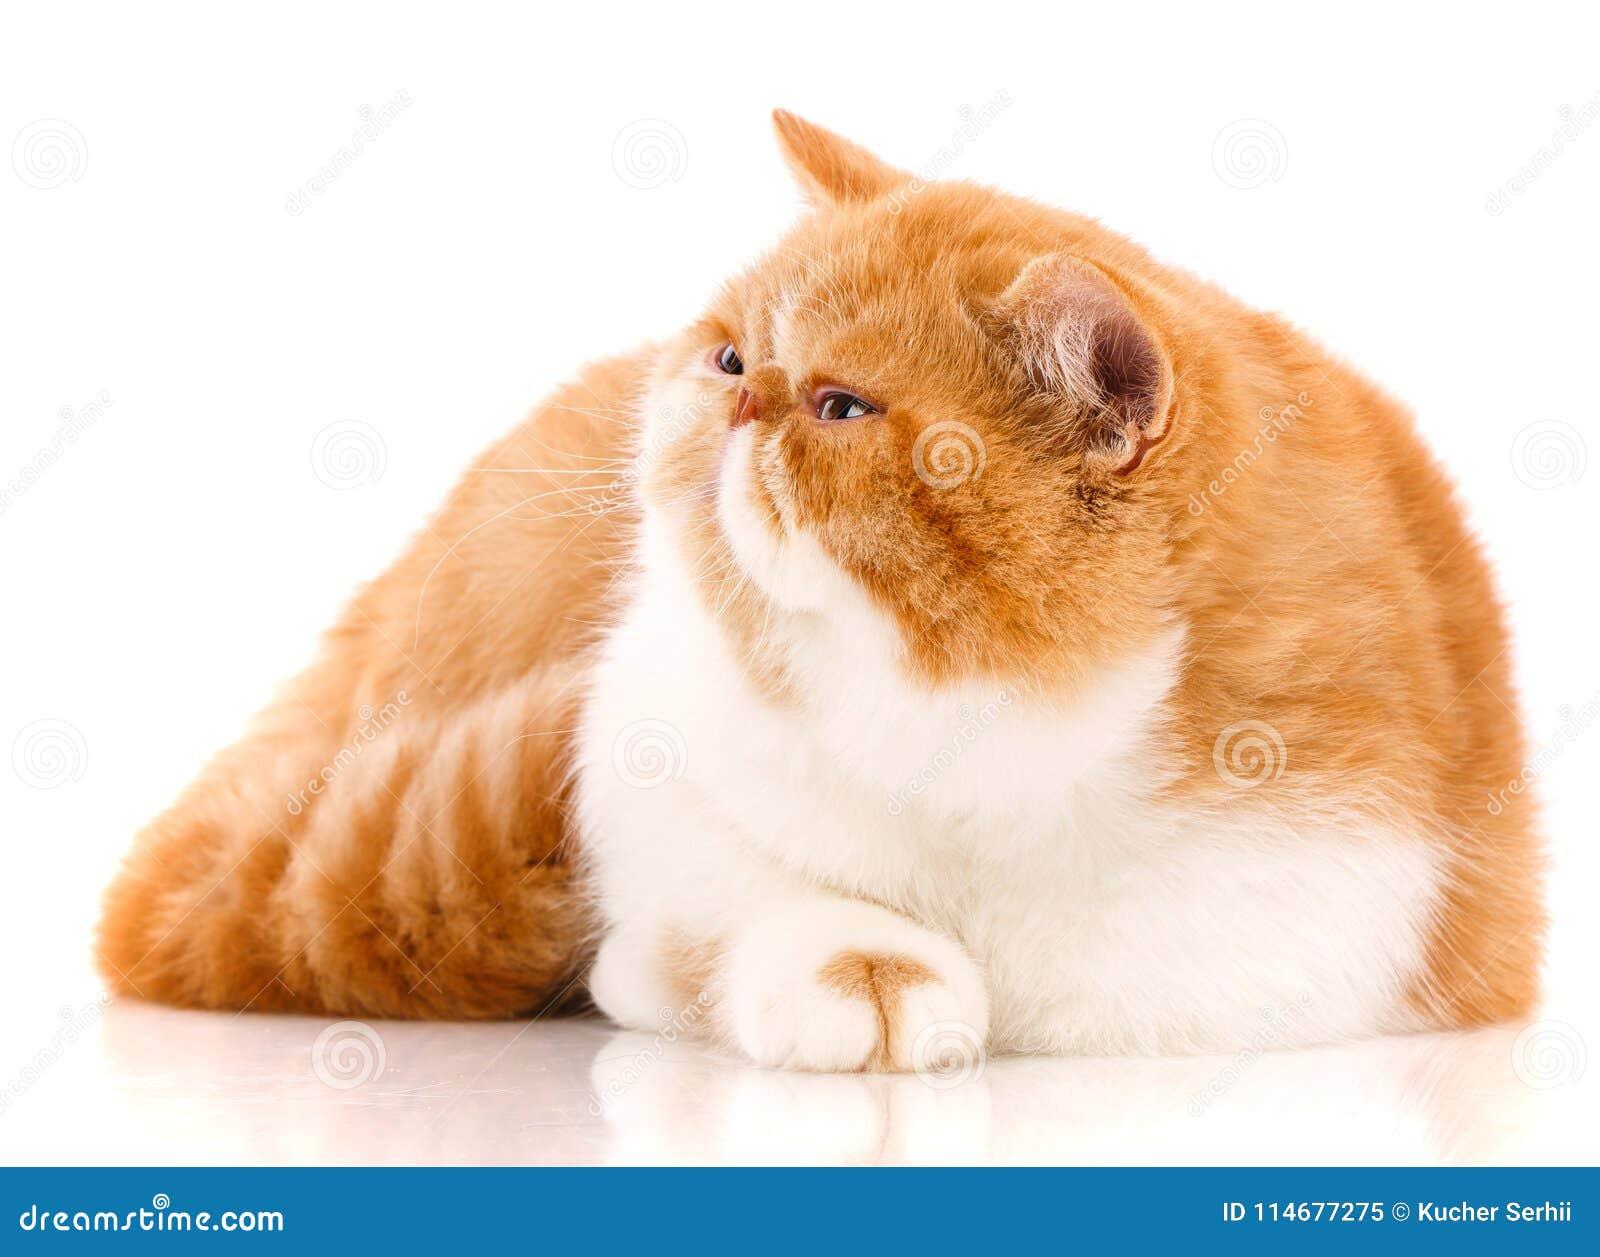 Ζώο, γάτα, έννοια κατοικίδιων ζώων - εξωτική γάτα σε ένα άσπρο υπόβαθρο